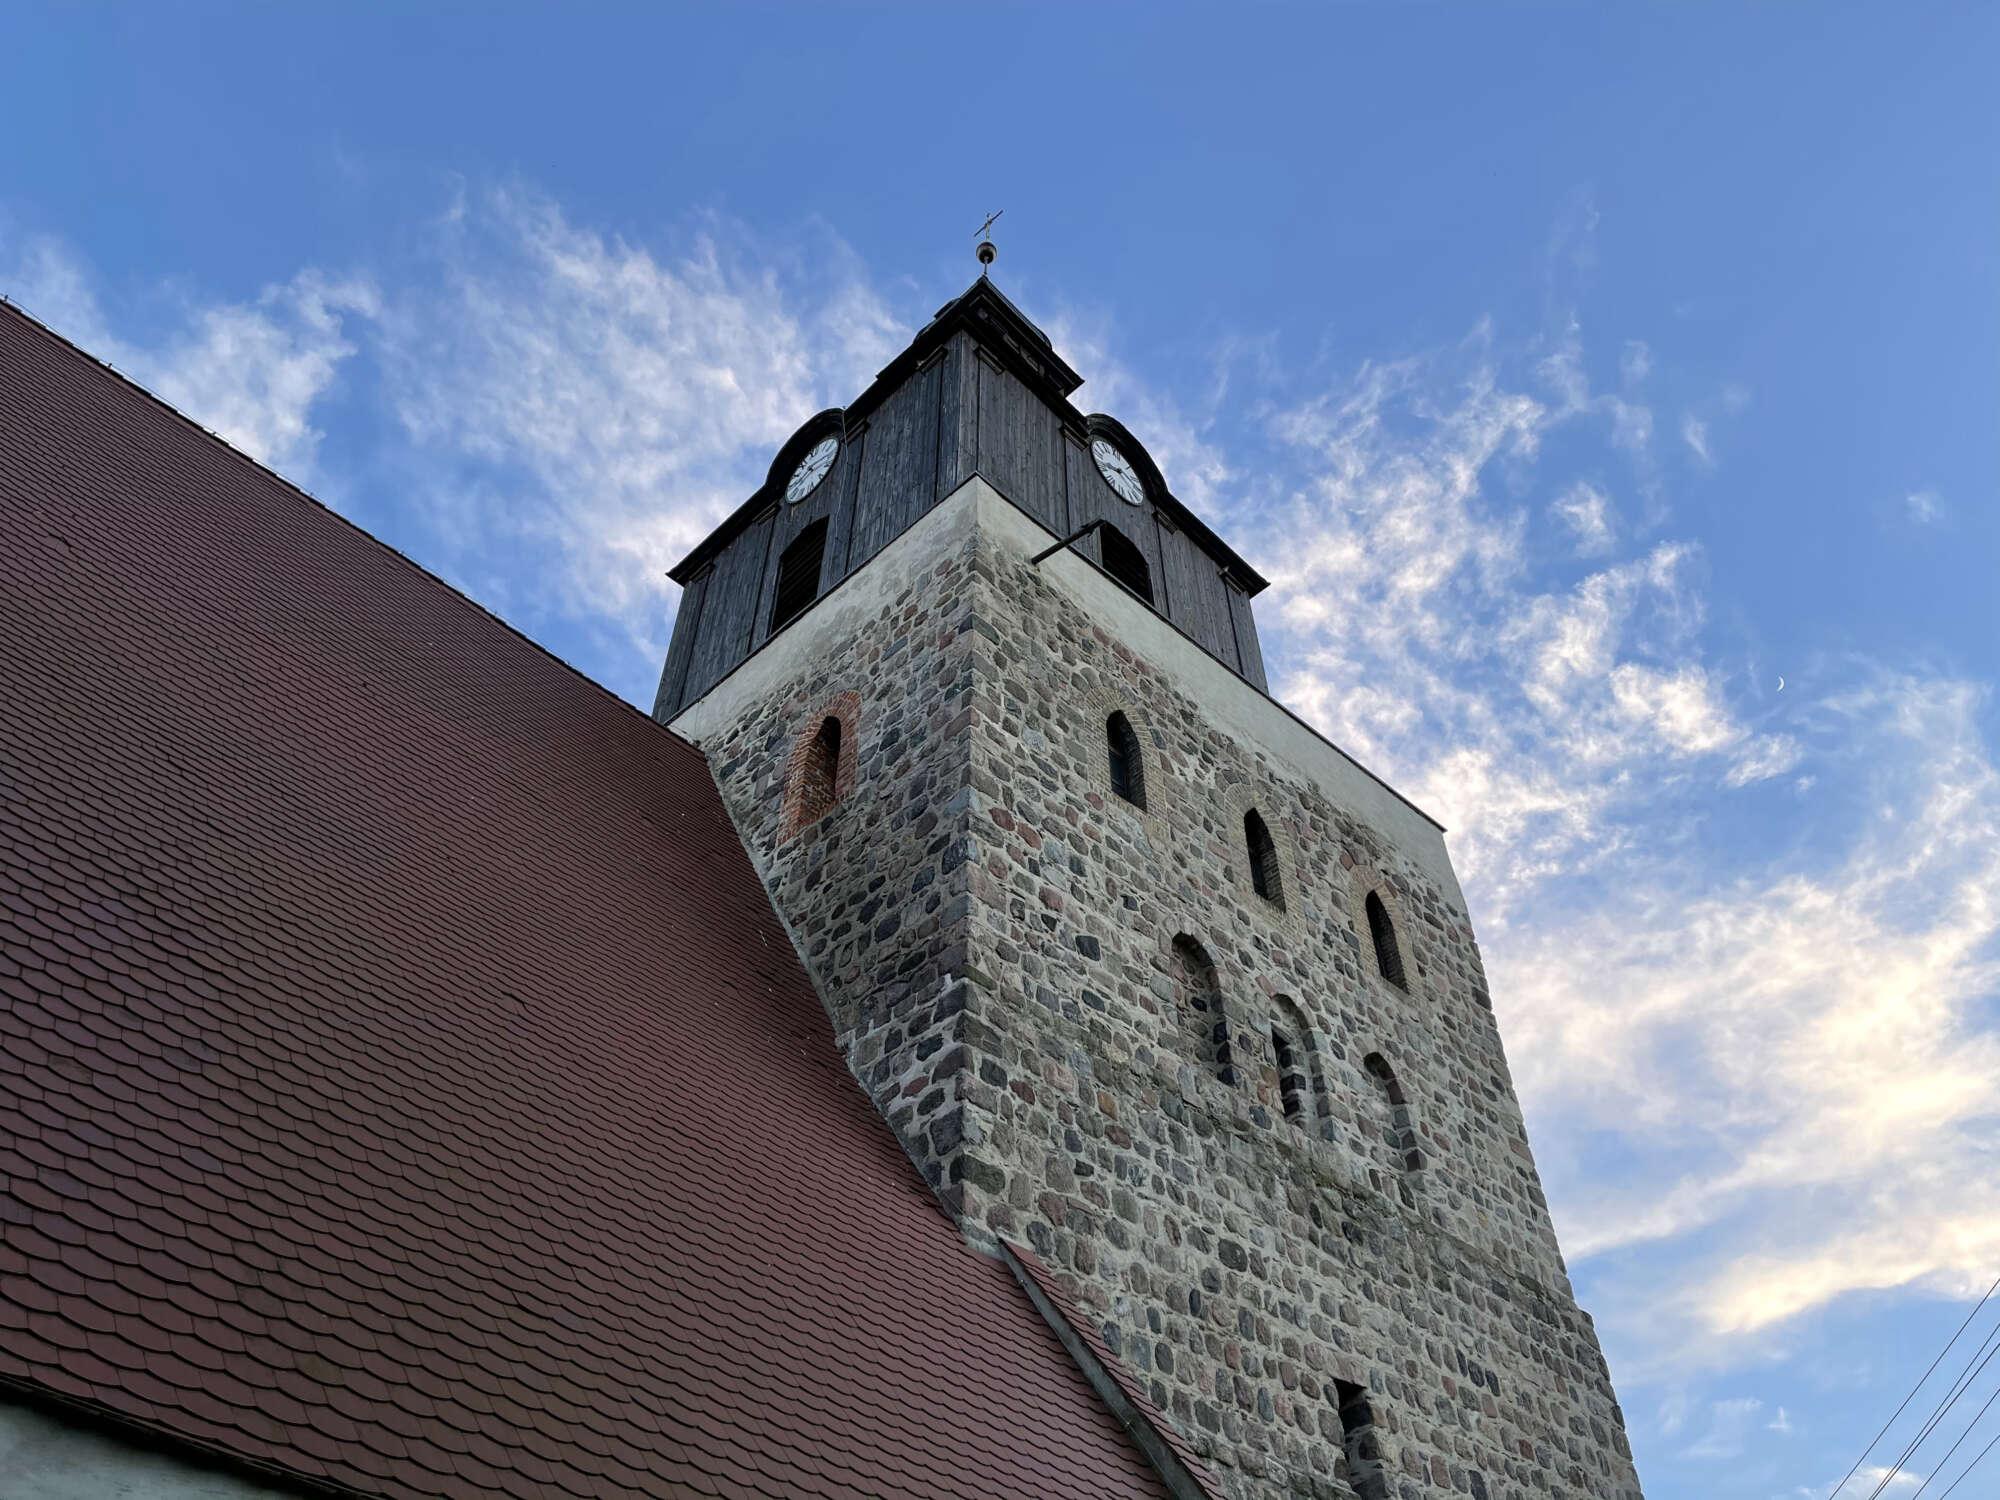 Widok na wieżę kościoła w Moryniu